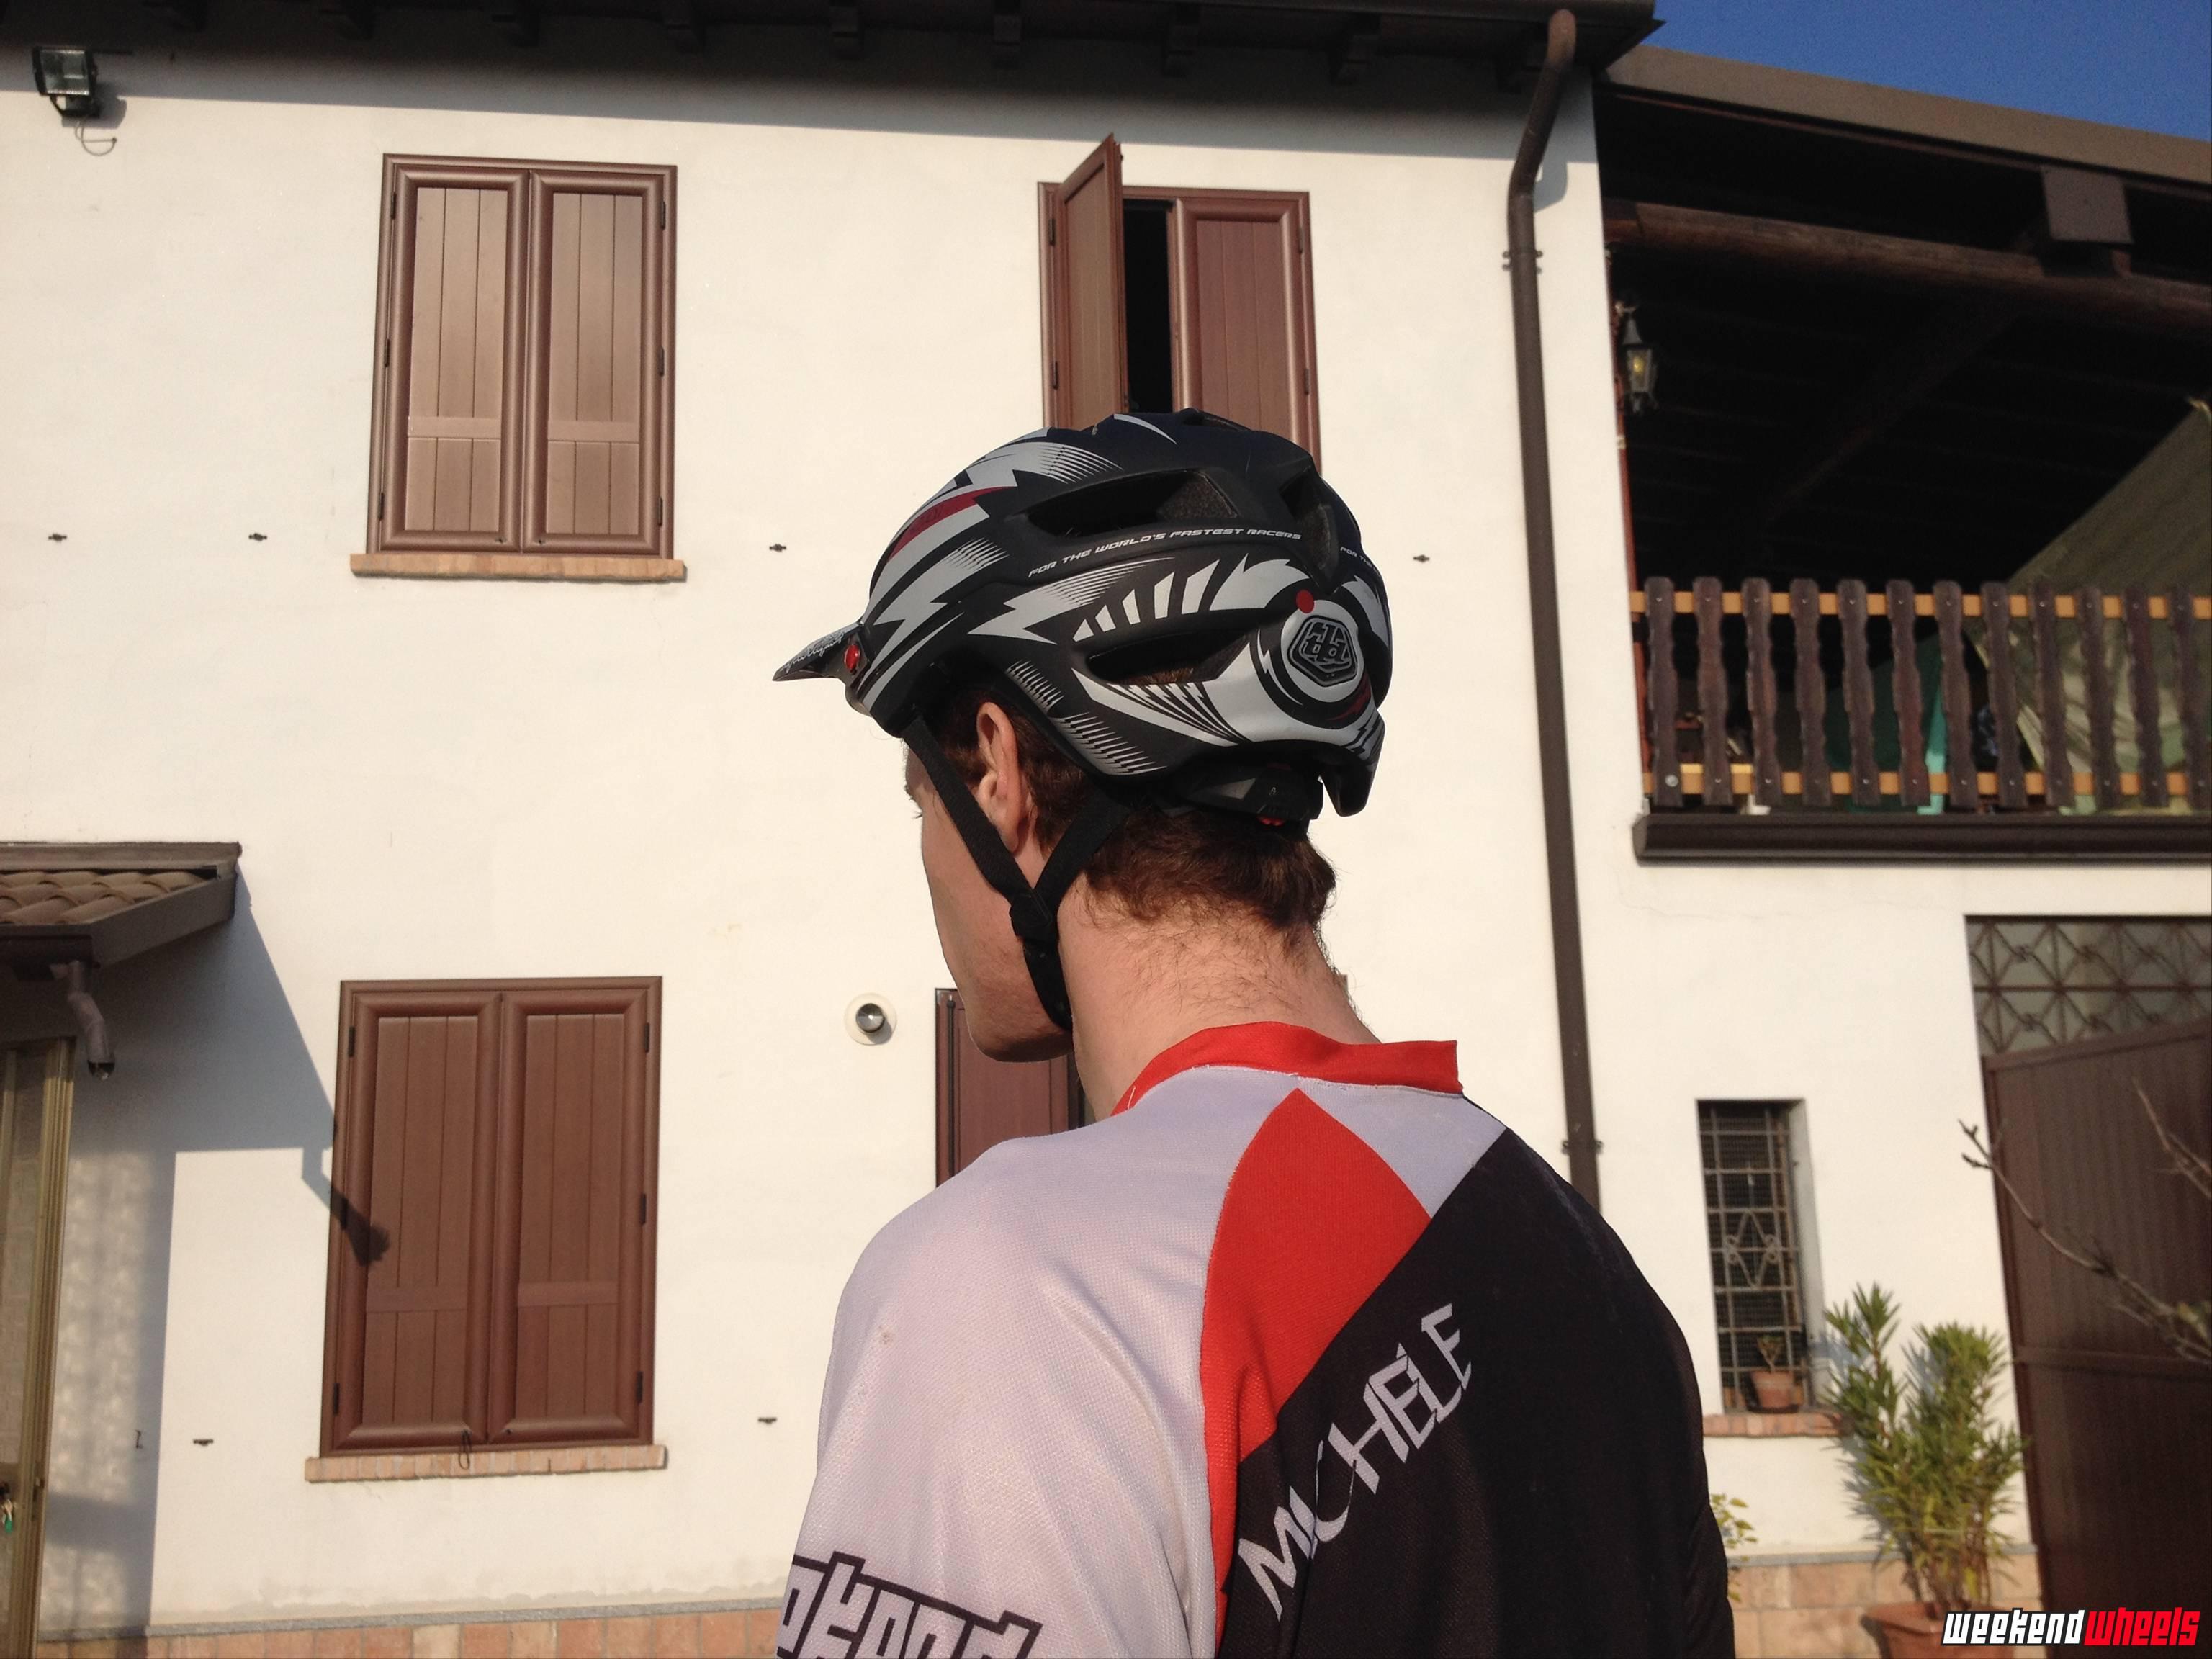 Troy Lee Designs A1 helmet5